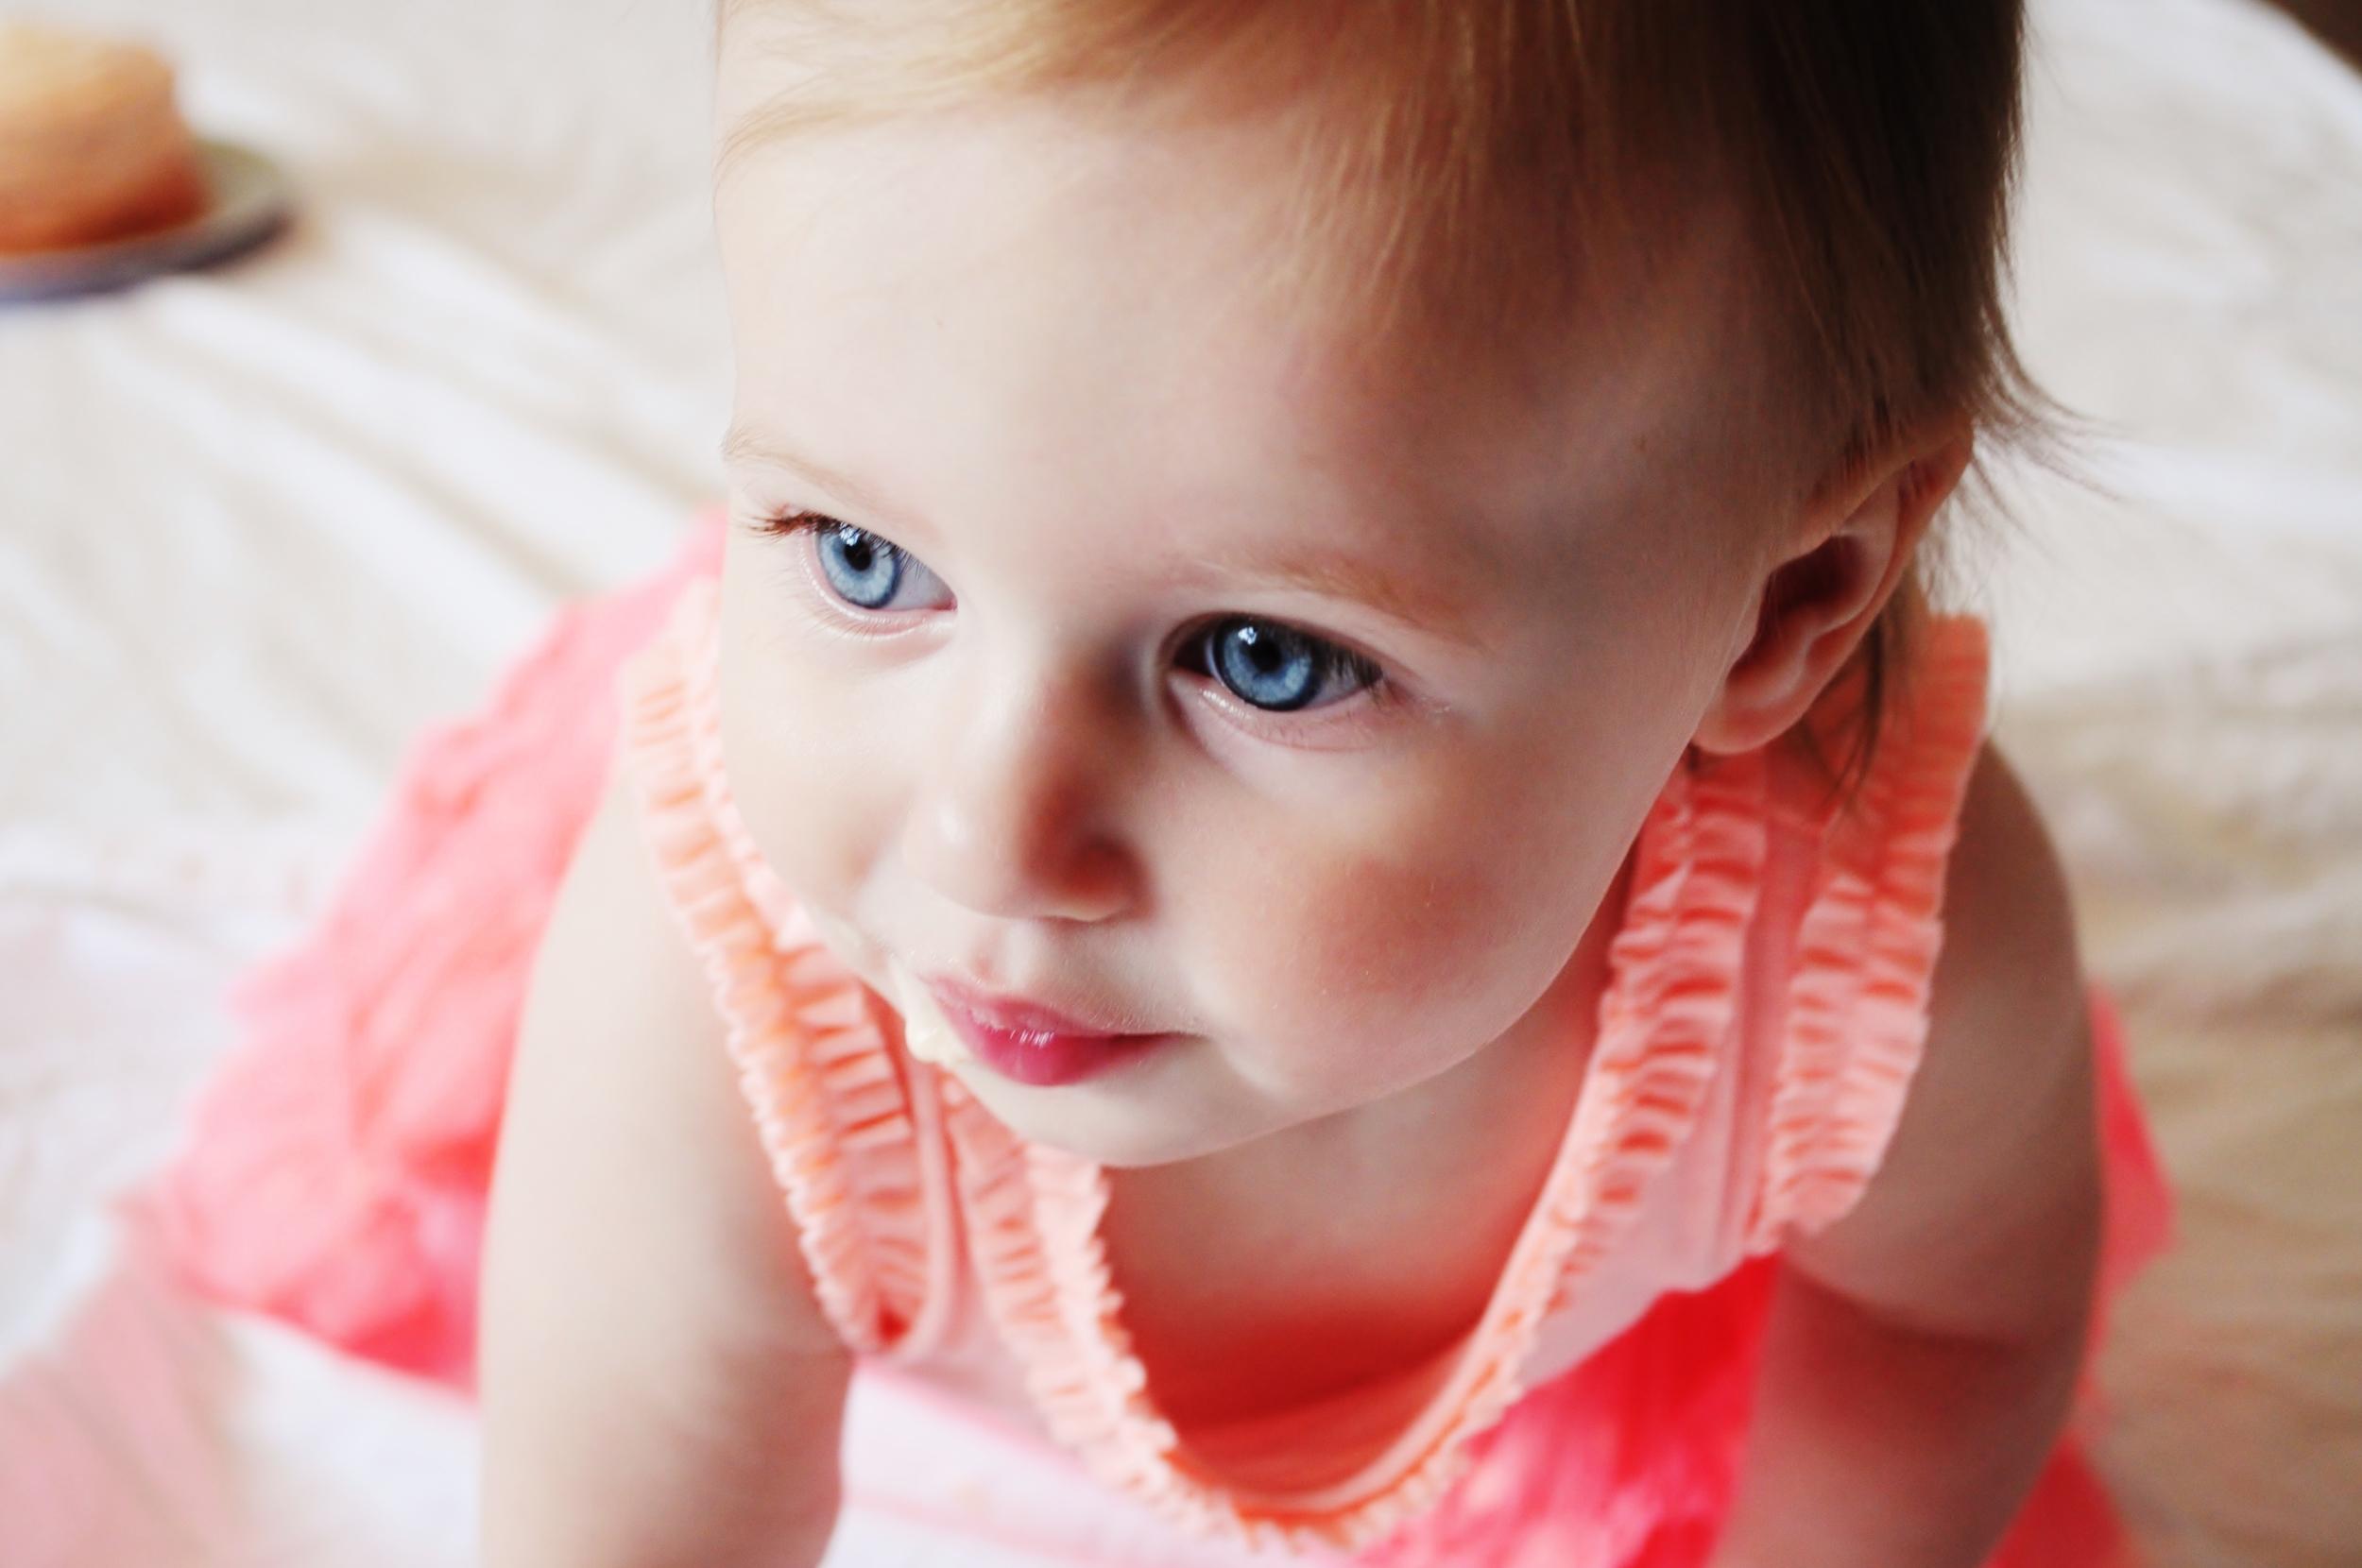 Sienna, 1 year old